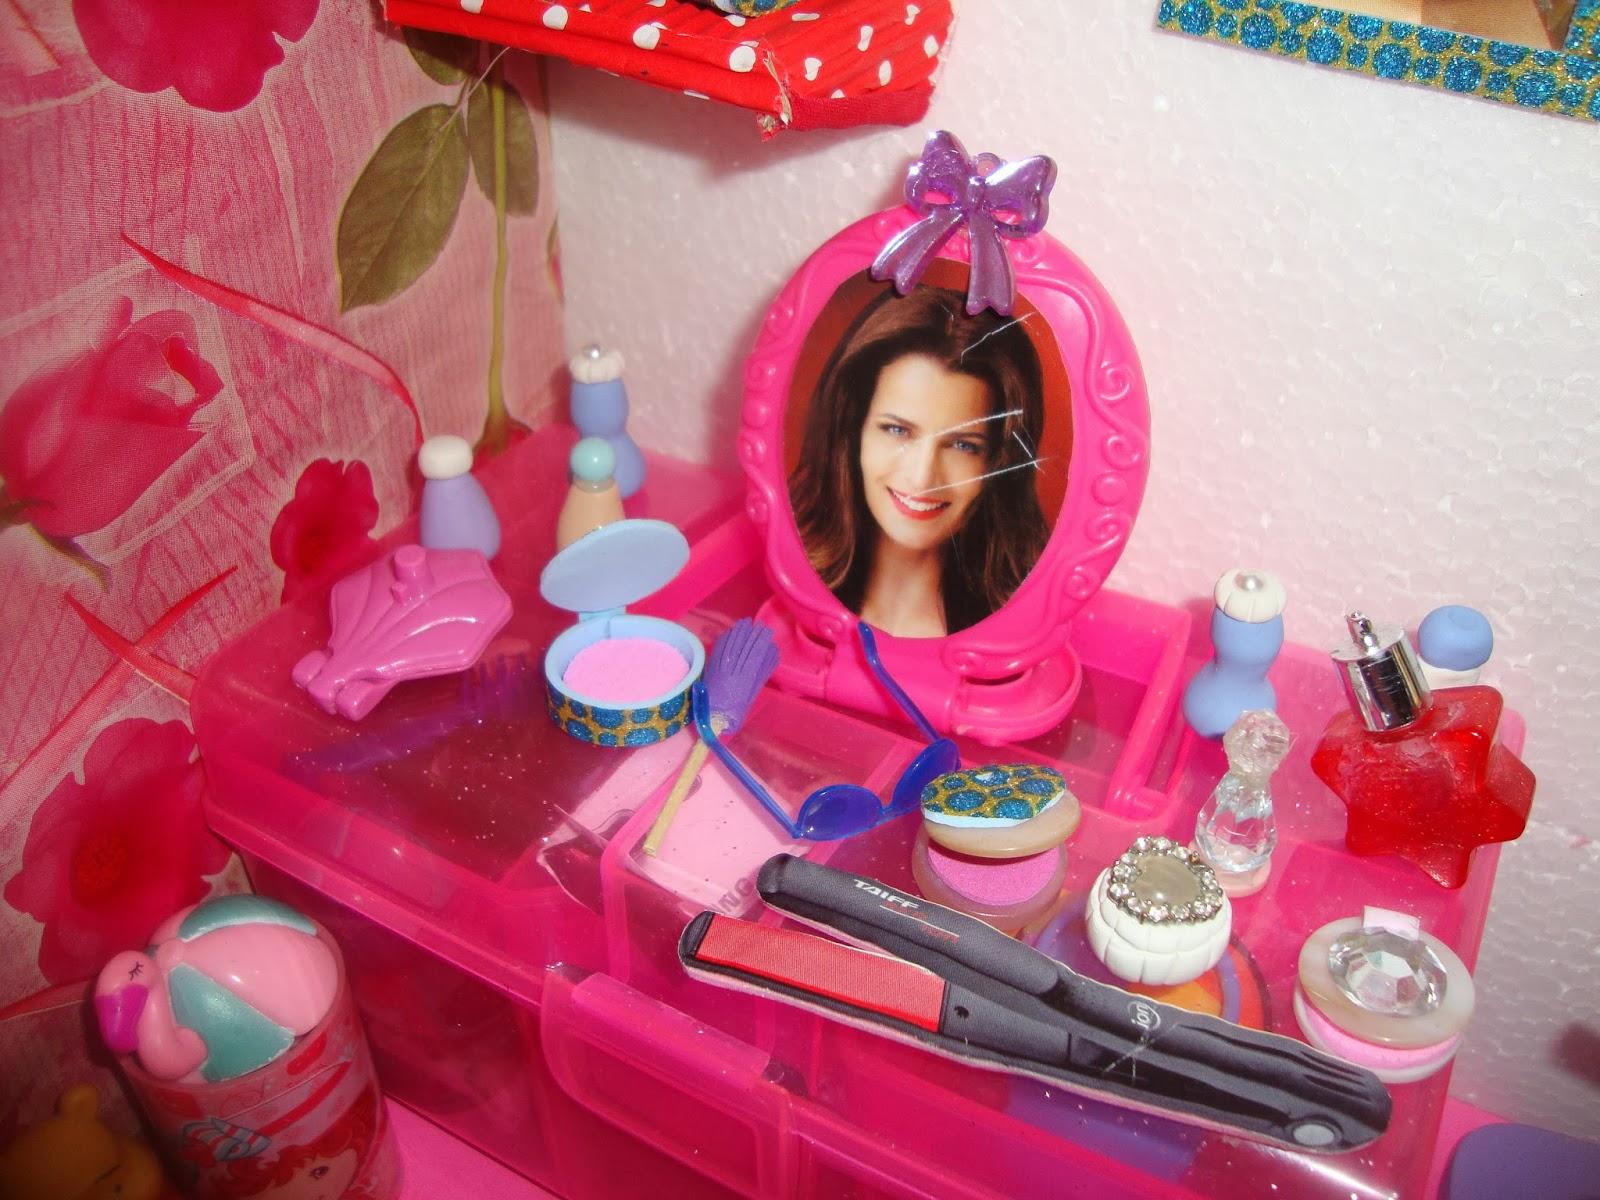 Zenna Arte: CASA DA BARBIE COM MÓVEIS DE E.V.A #B41736 1600x1200 Banheiro Da Barbie Como Fazer